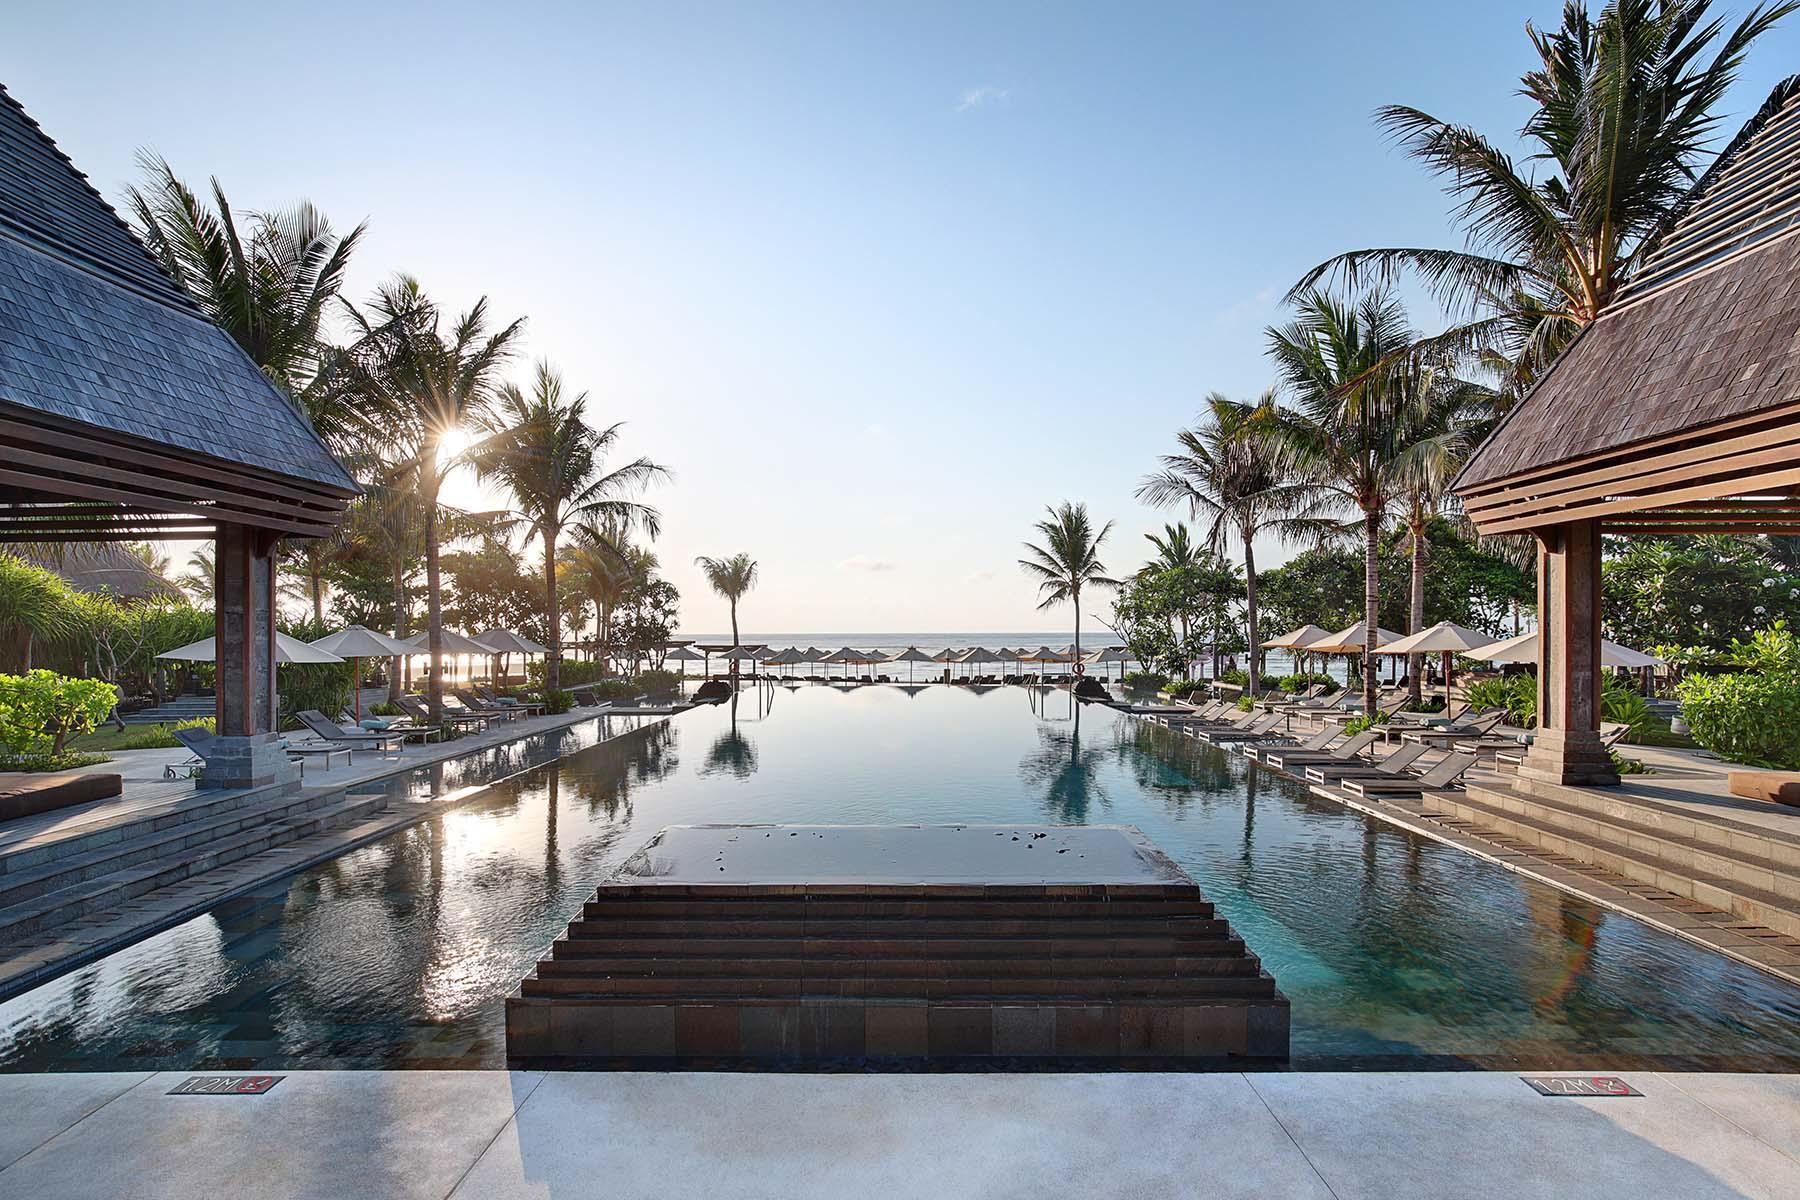 09Ritz Carlton Bali2